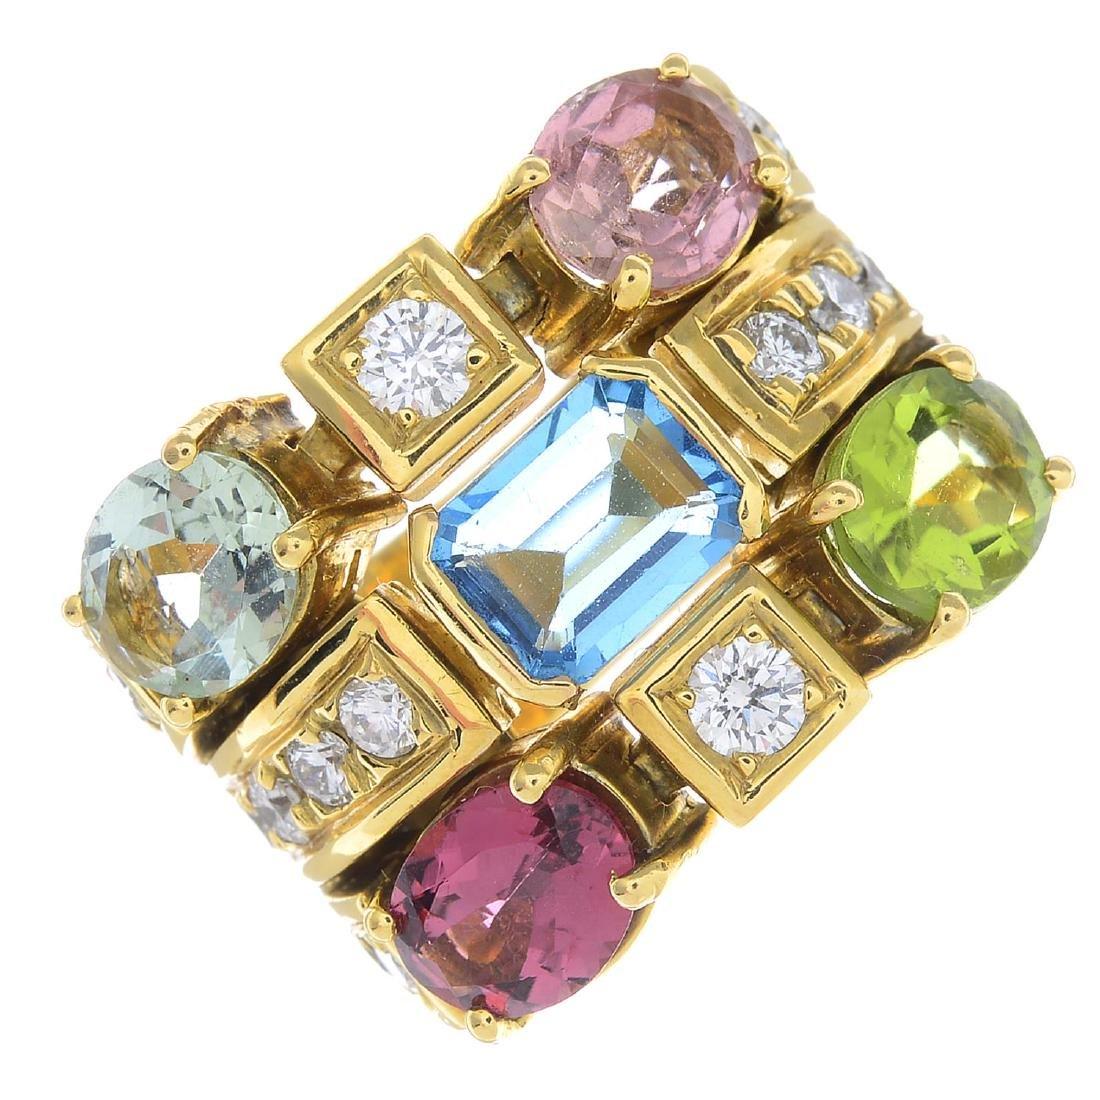 A diamond and gem-set dress ring. Designed as a